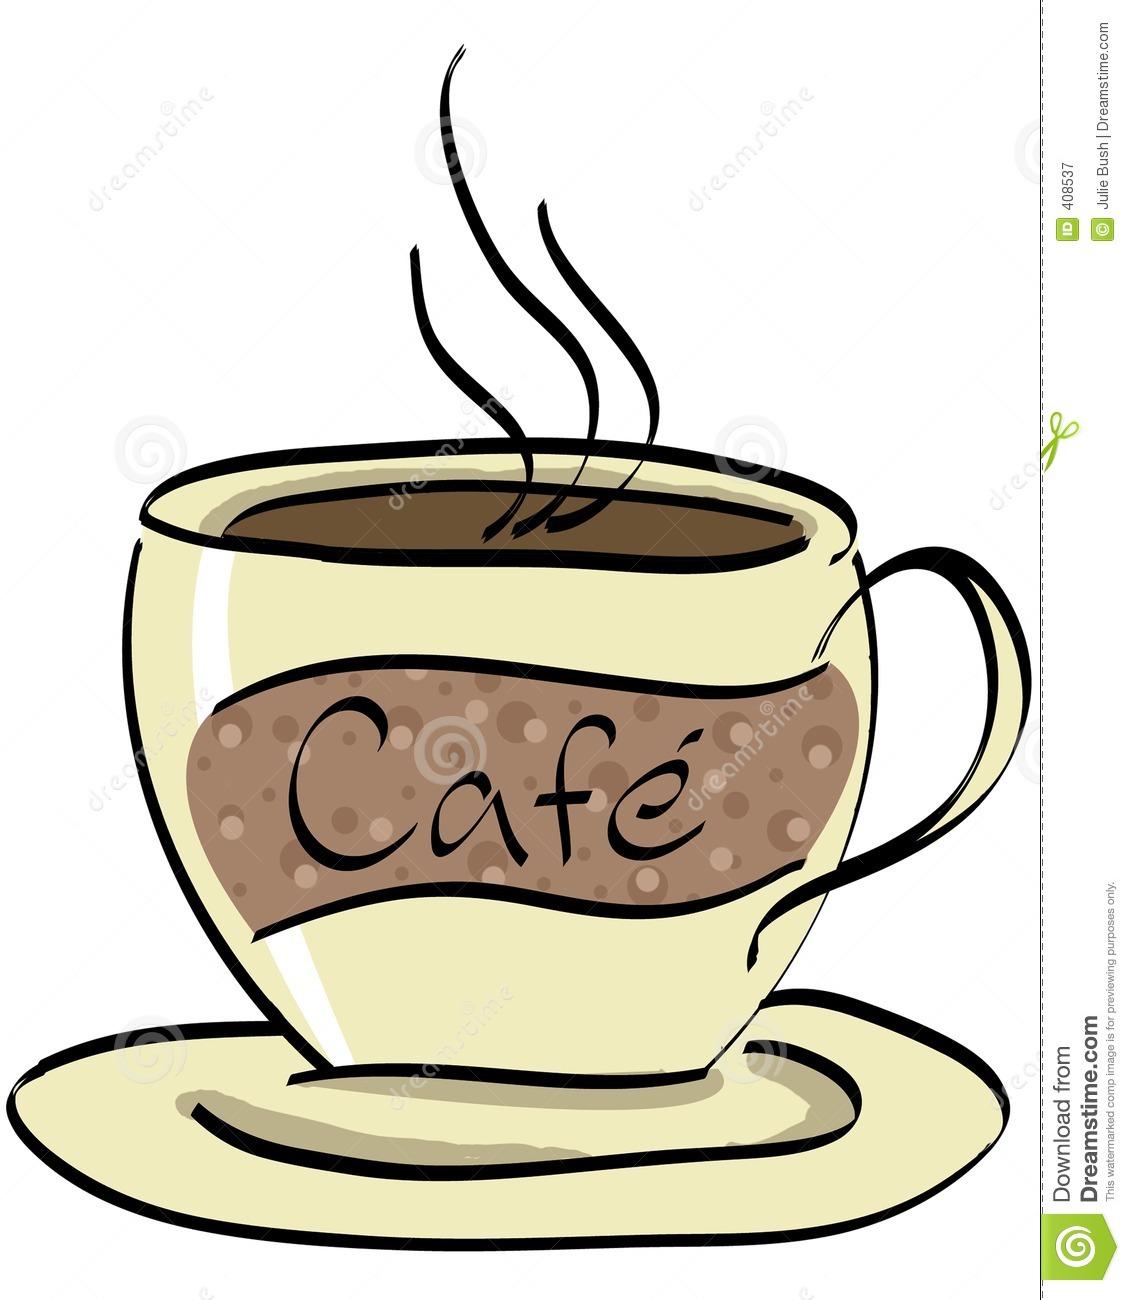 Caf station . Cafe clipart